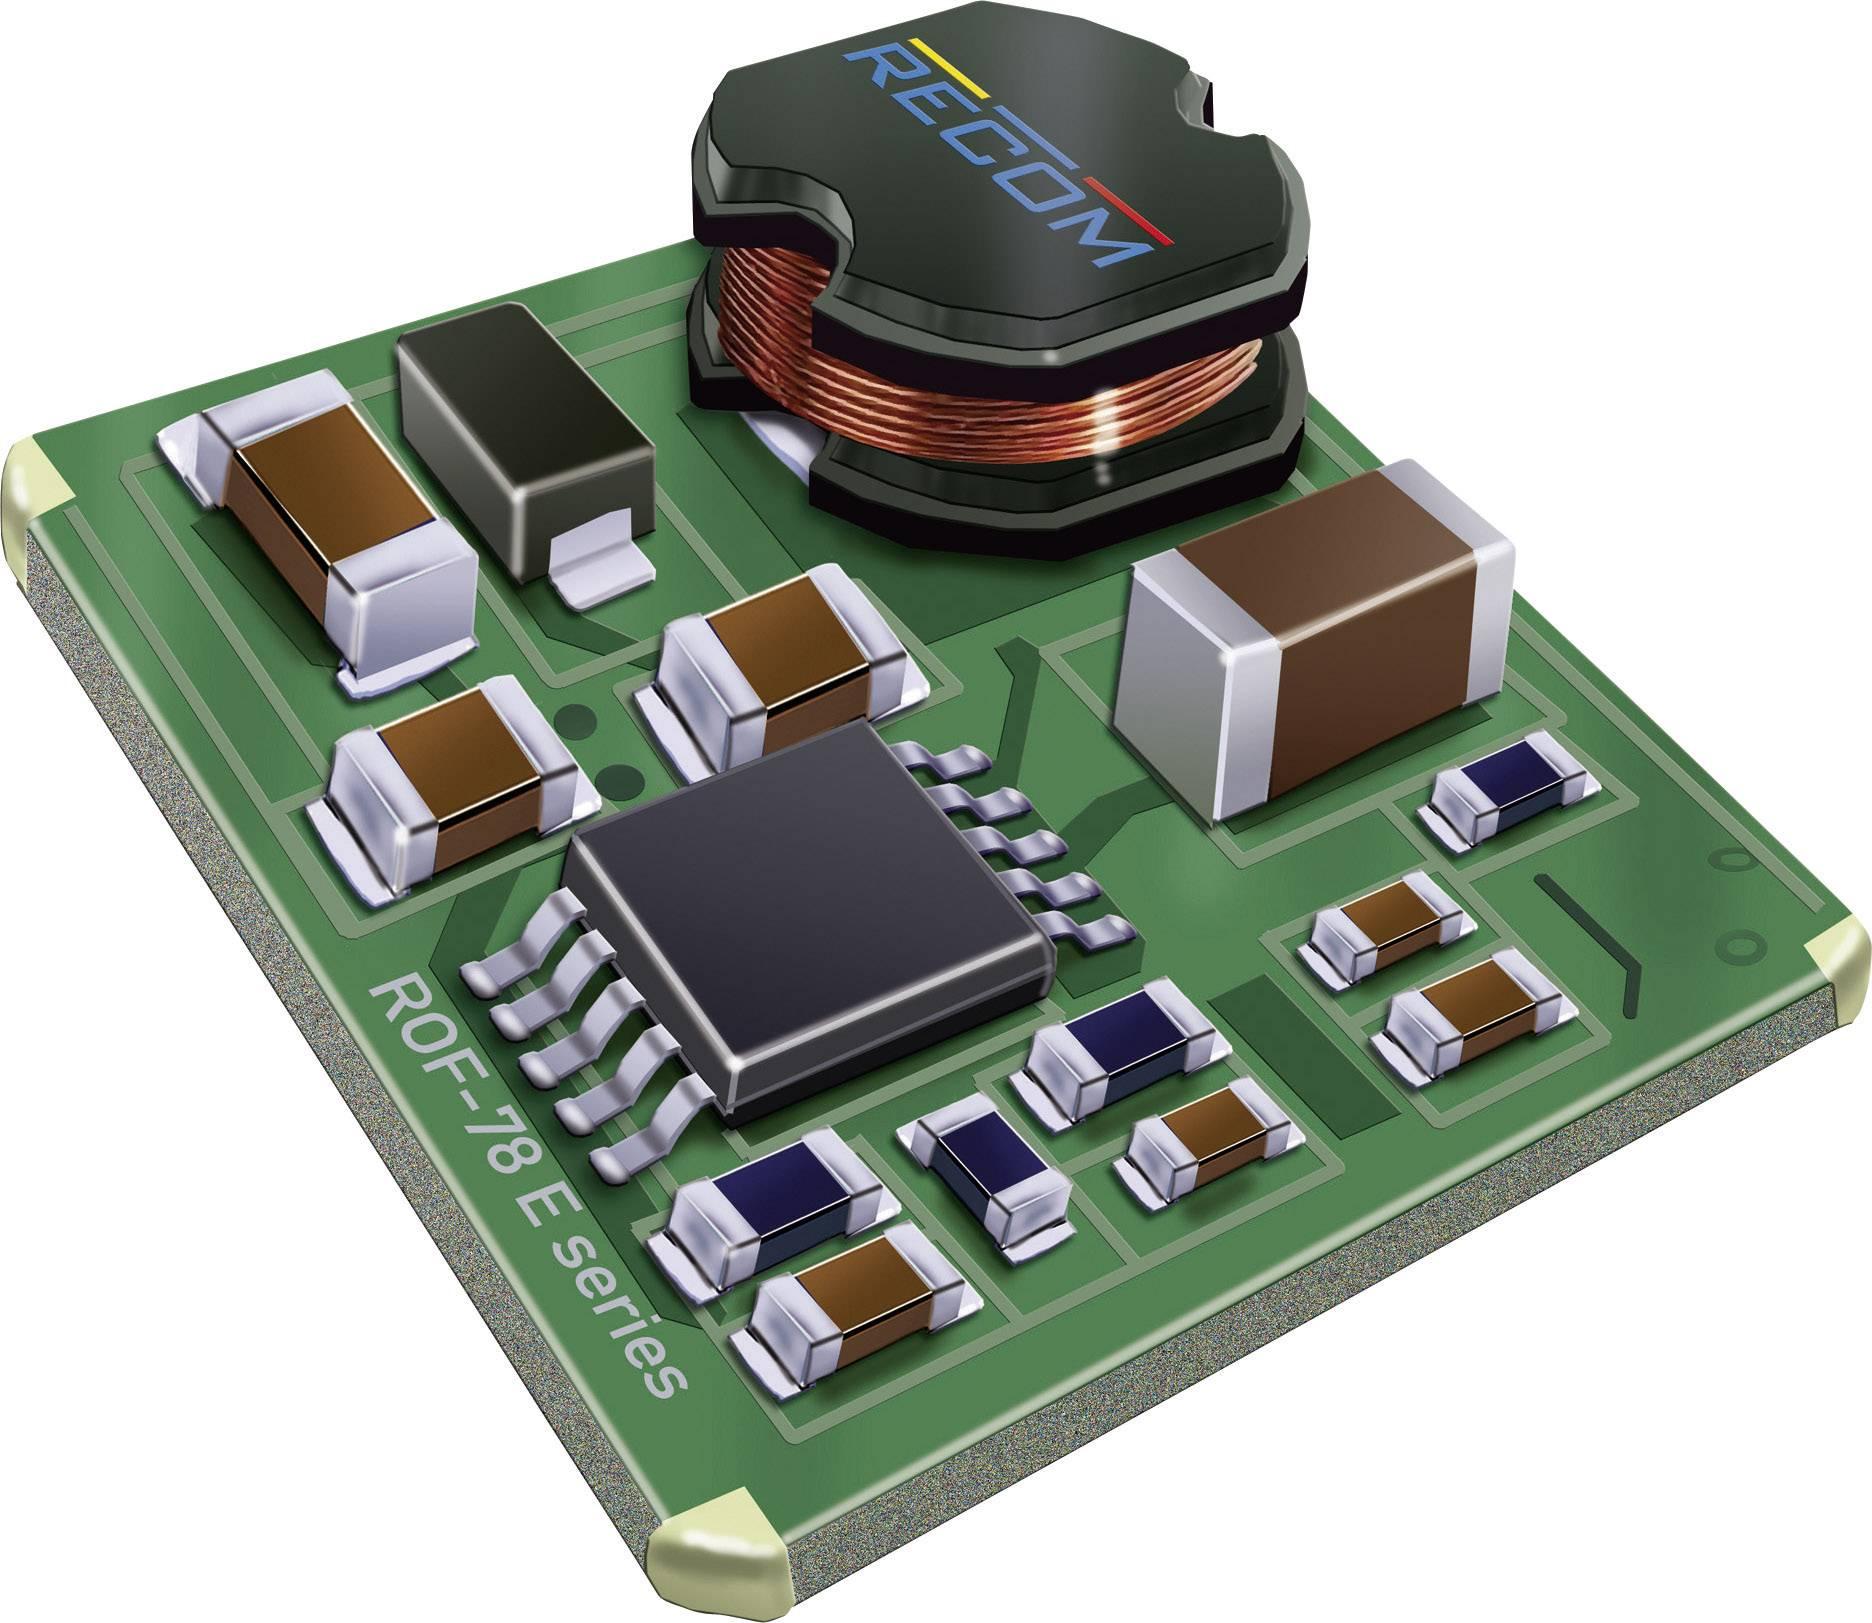 DC/DC měnič Recom ROF-78E5.0-0.5SMD-R (80000192), vstup 9 - 36 V/DC, výstup 5 V/DC, 500 mA